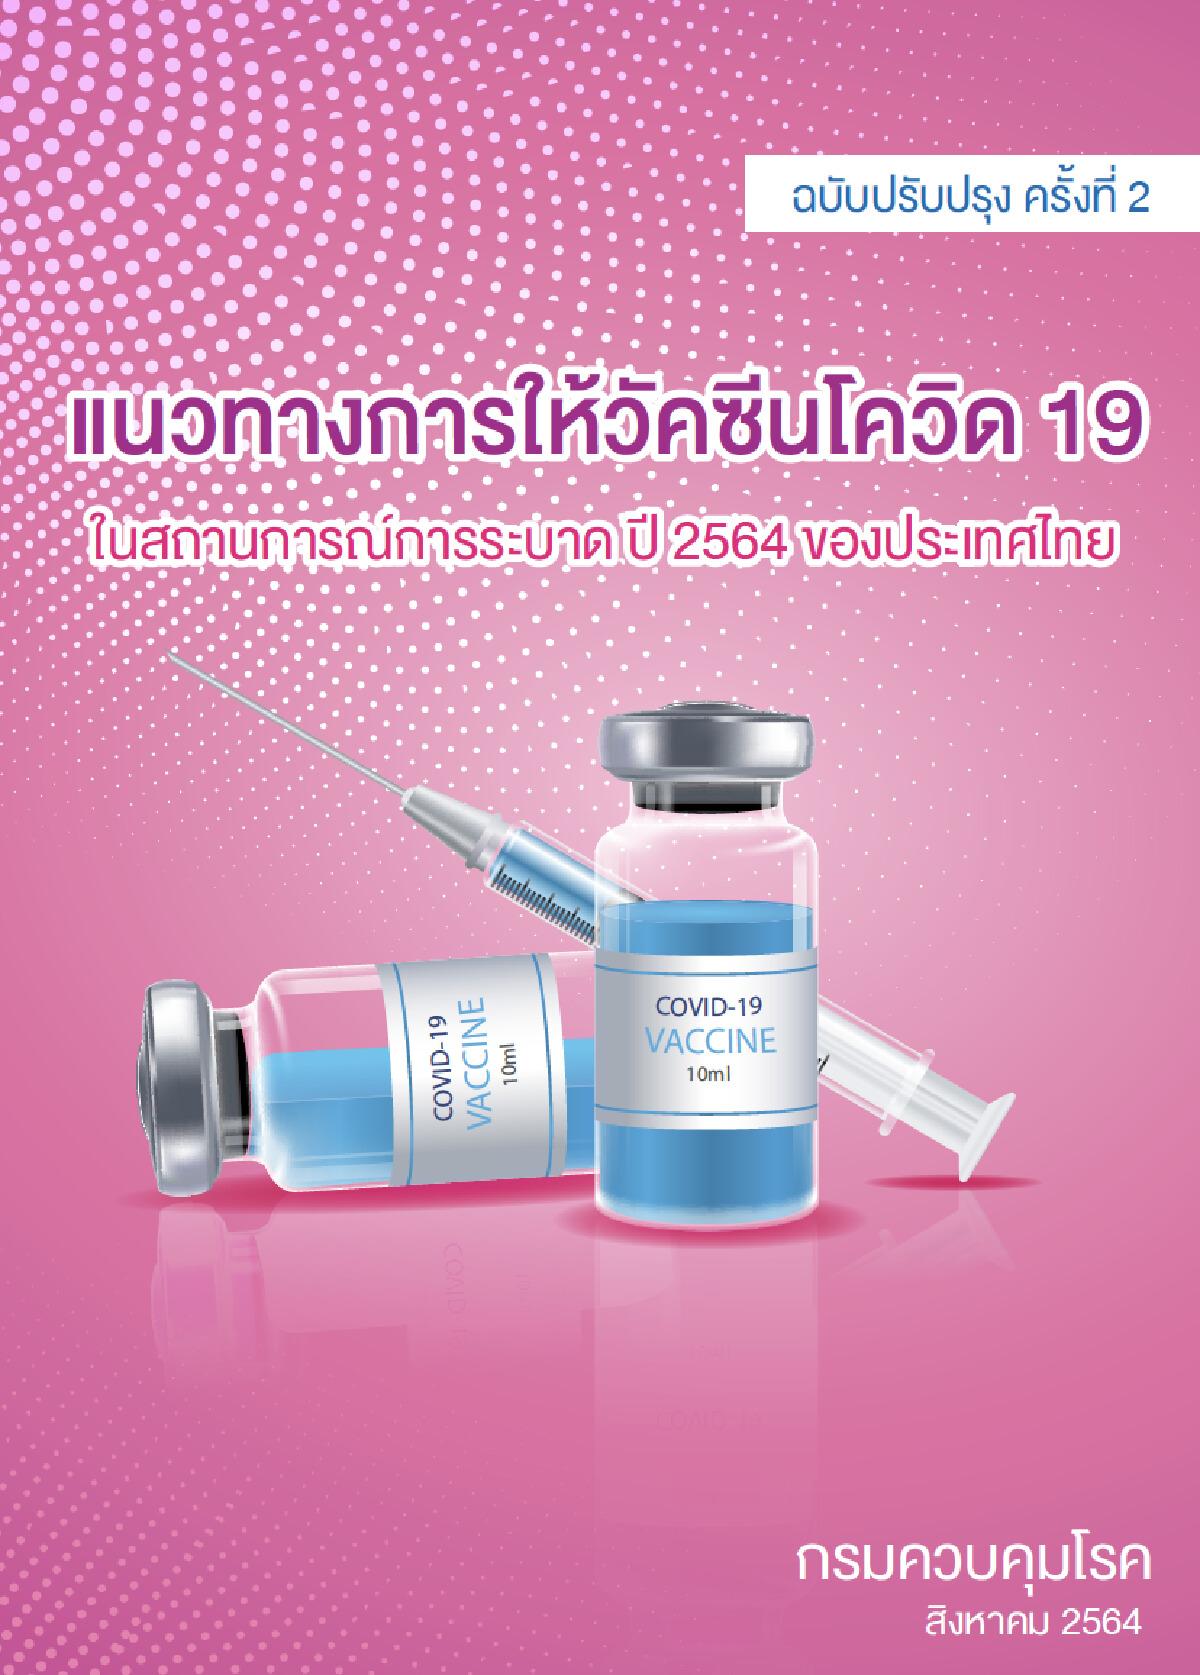 แนวทางการให้วัคซีน